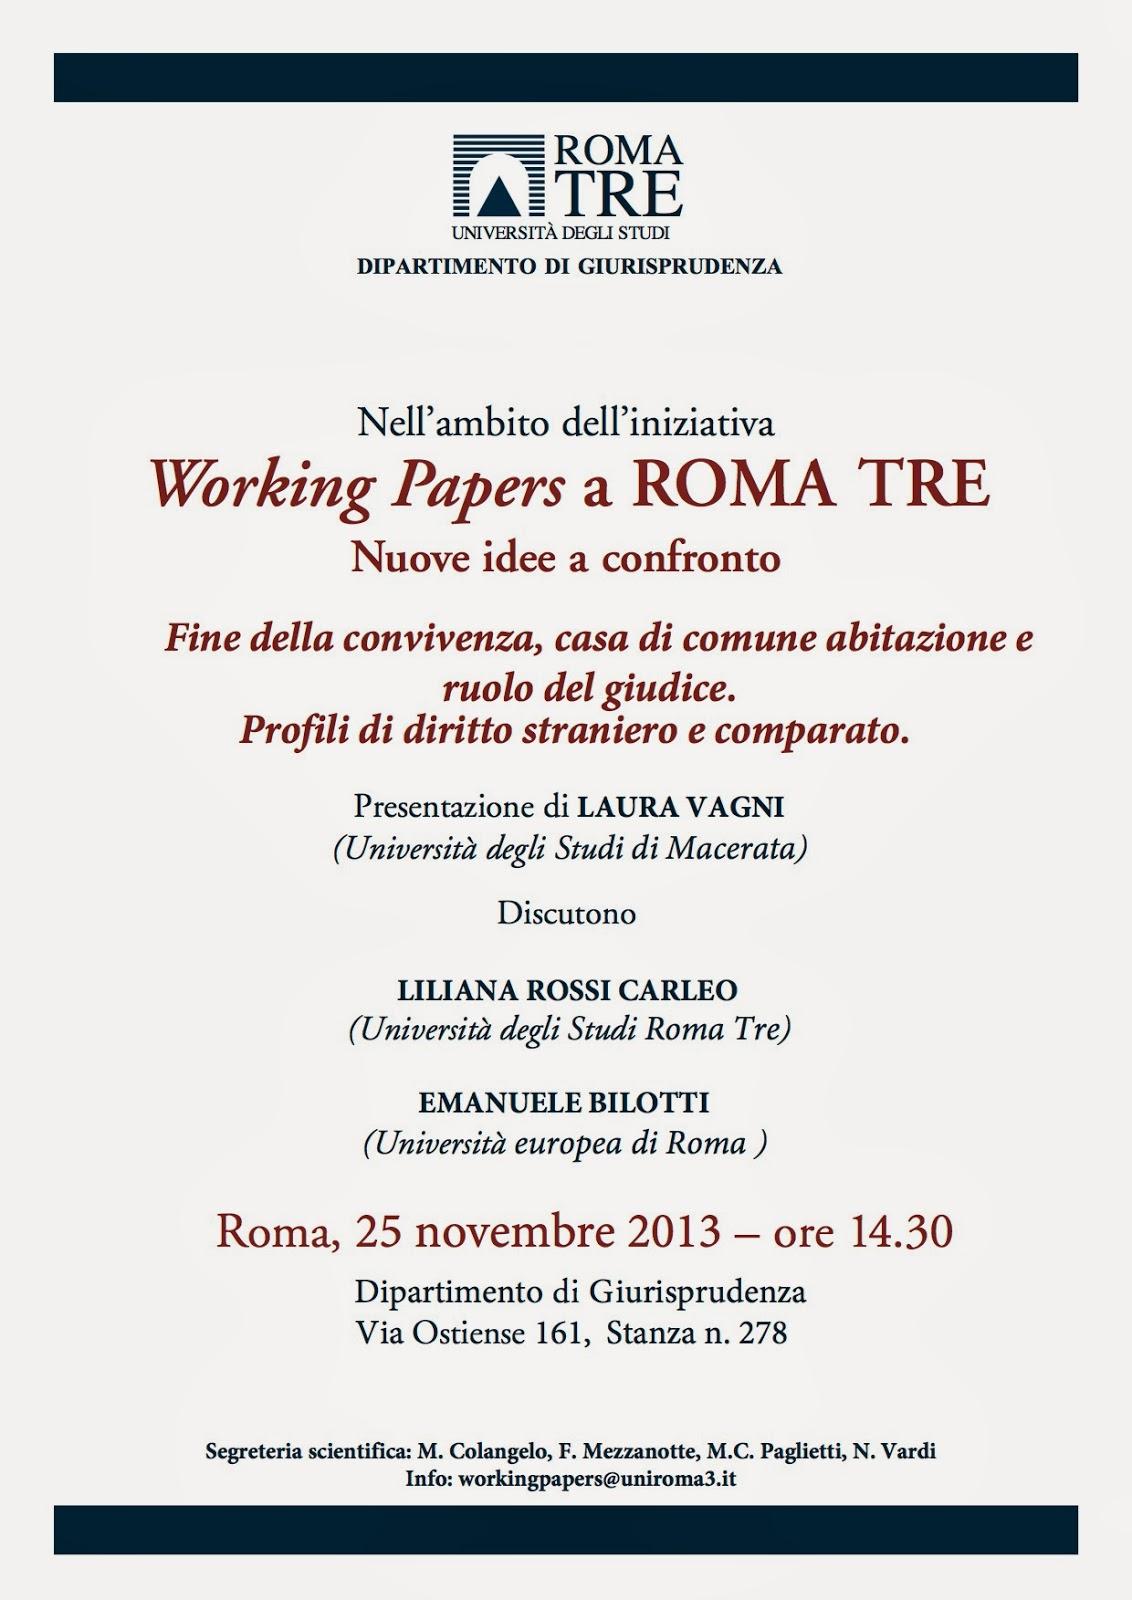 Archivio internazionale associazione italiana di diritto - Casa in comproprieta e diritto di abitazione ...